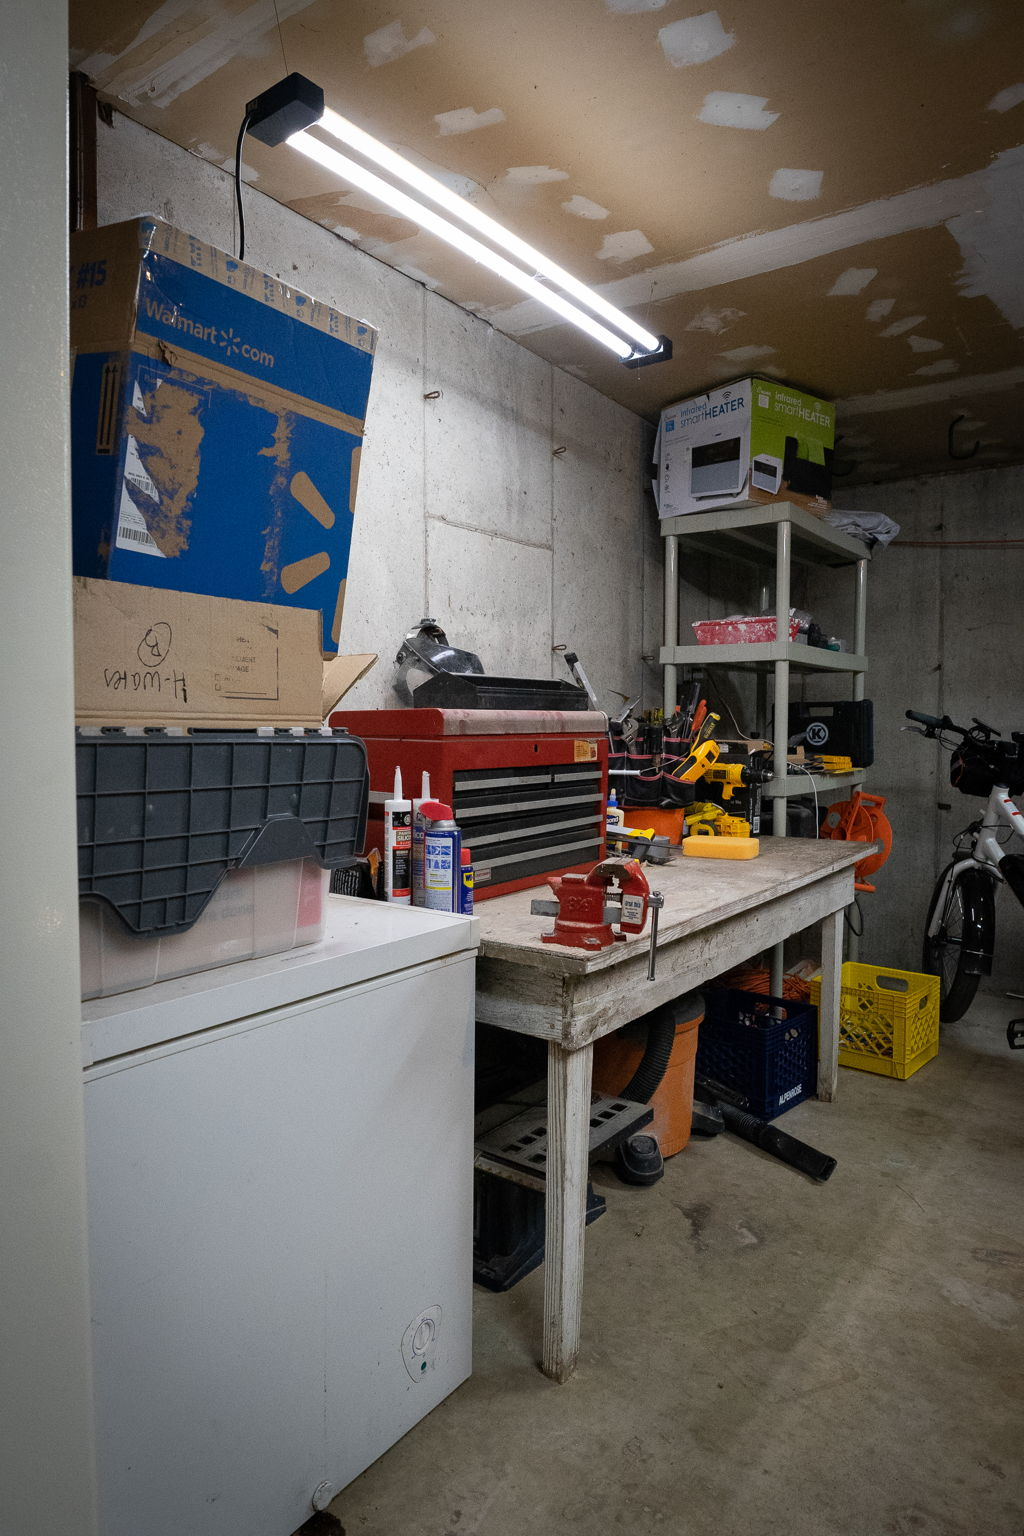 Workbench Area in Garage